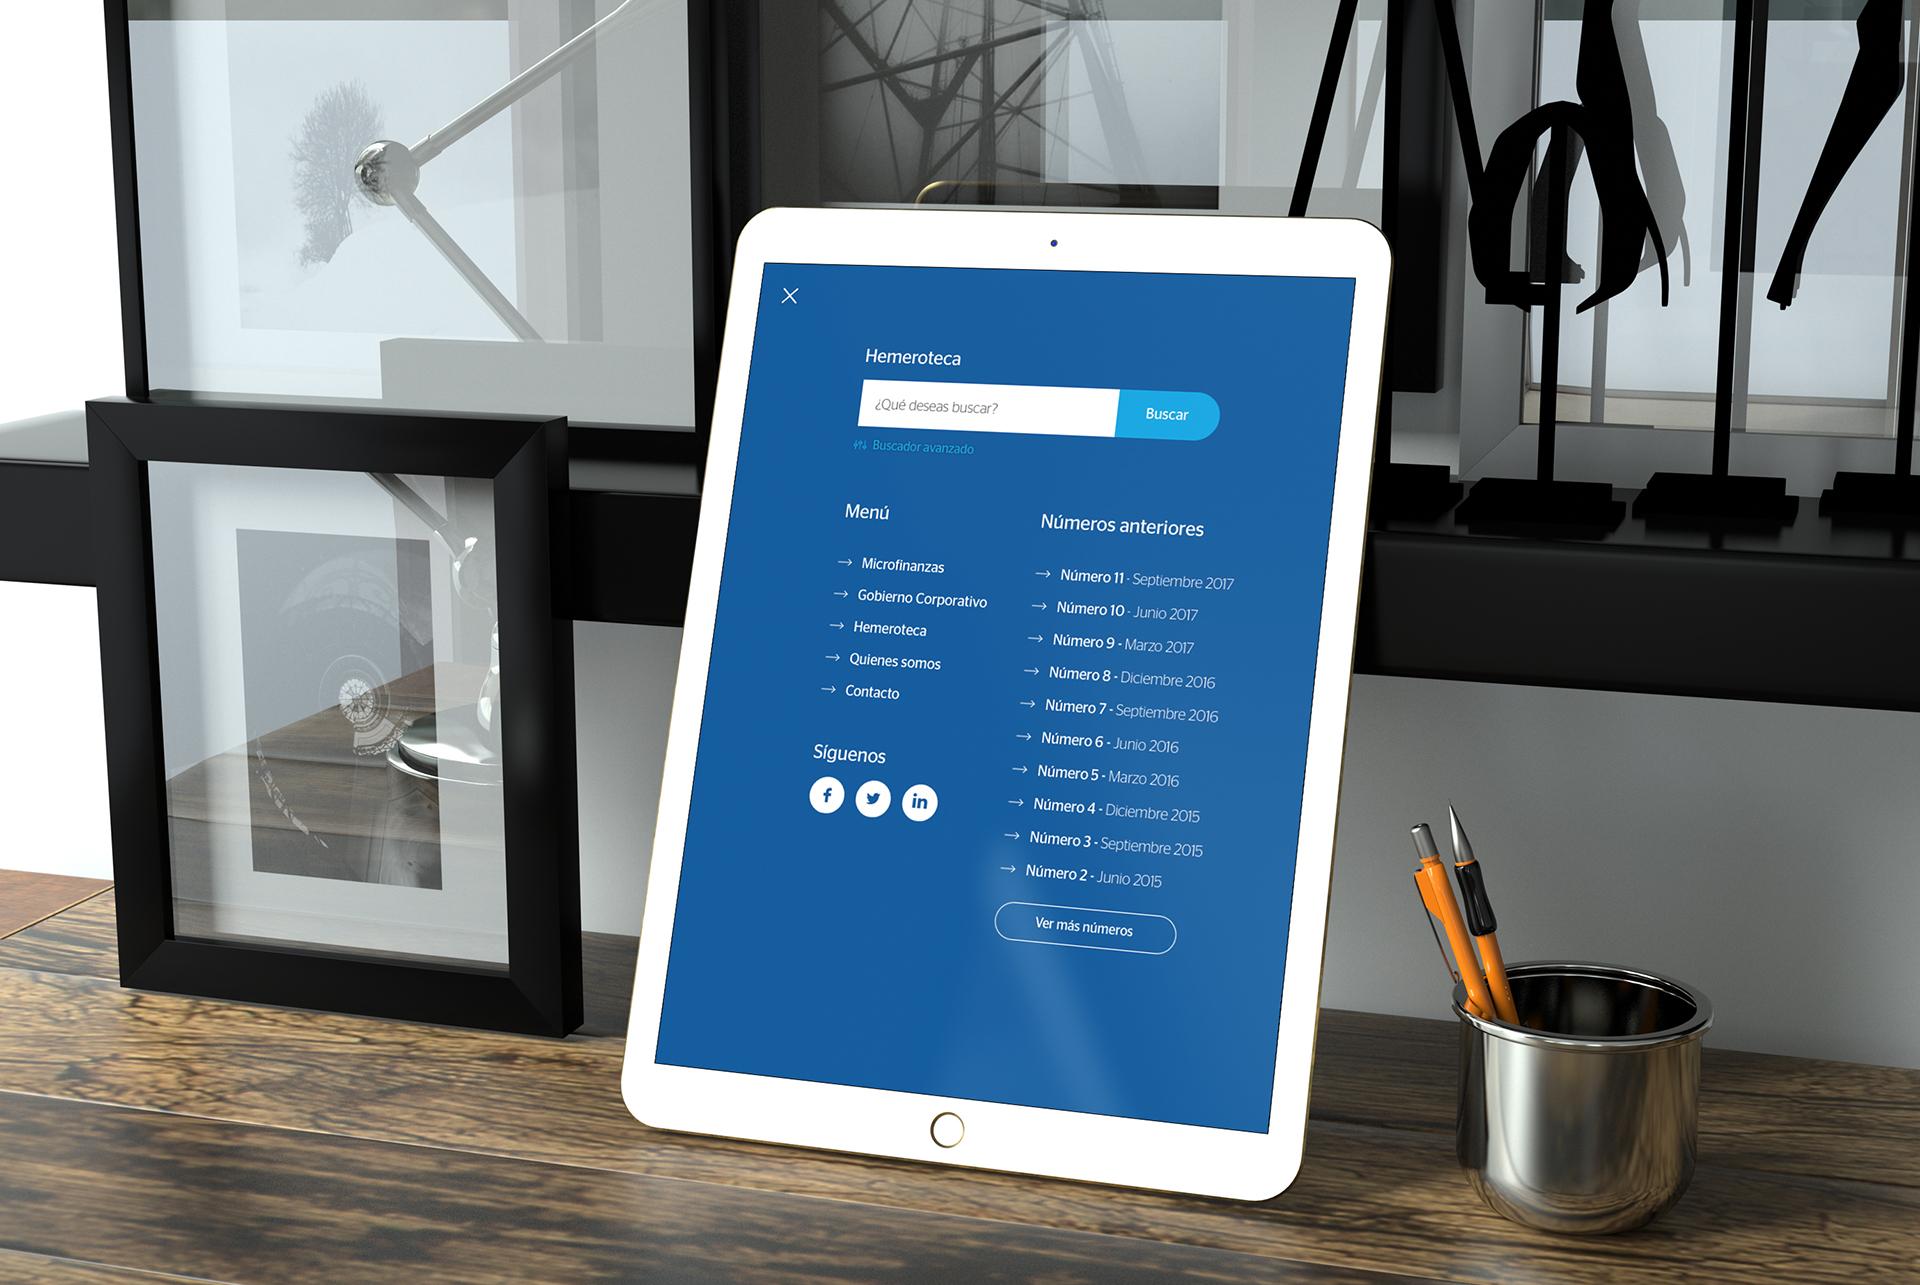 Ilustrativo tablet. BBVA Microfinanzas (BBVAMF). Revista Progreso. Actualidad microfinanzas y gobierno corporativo